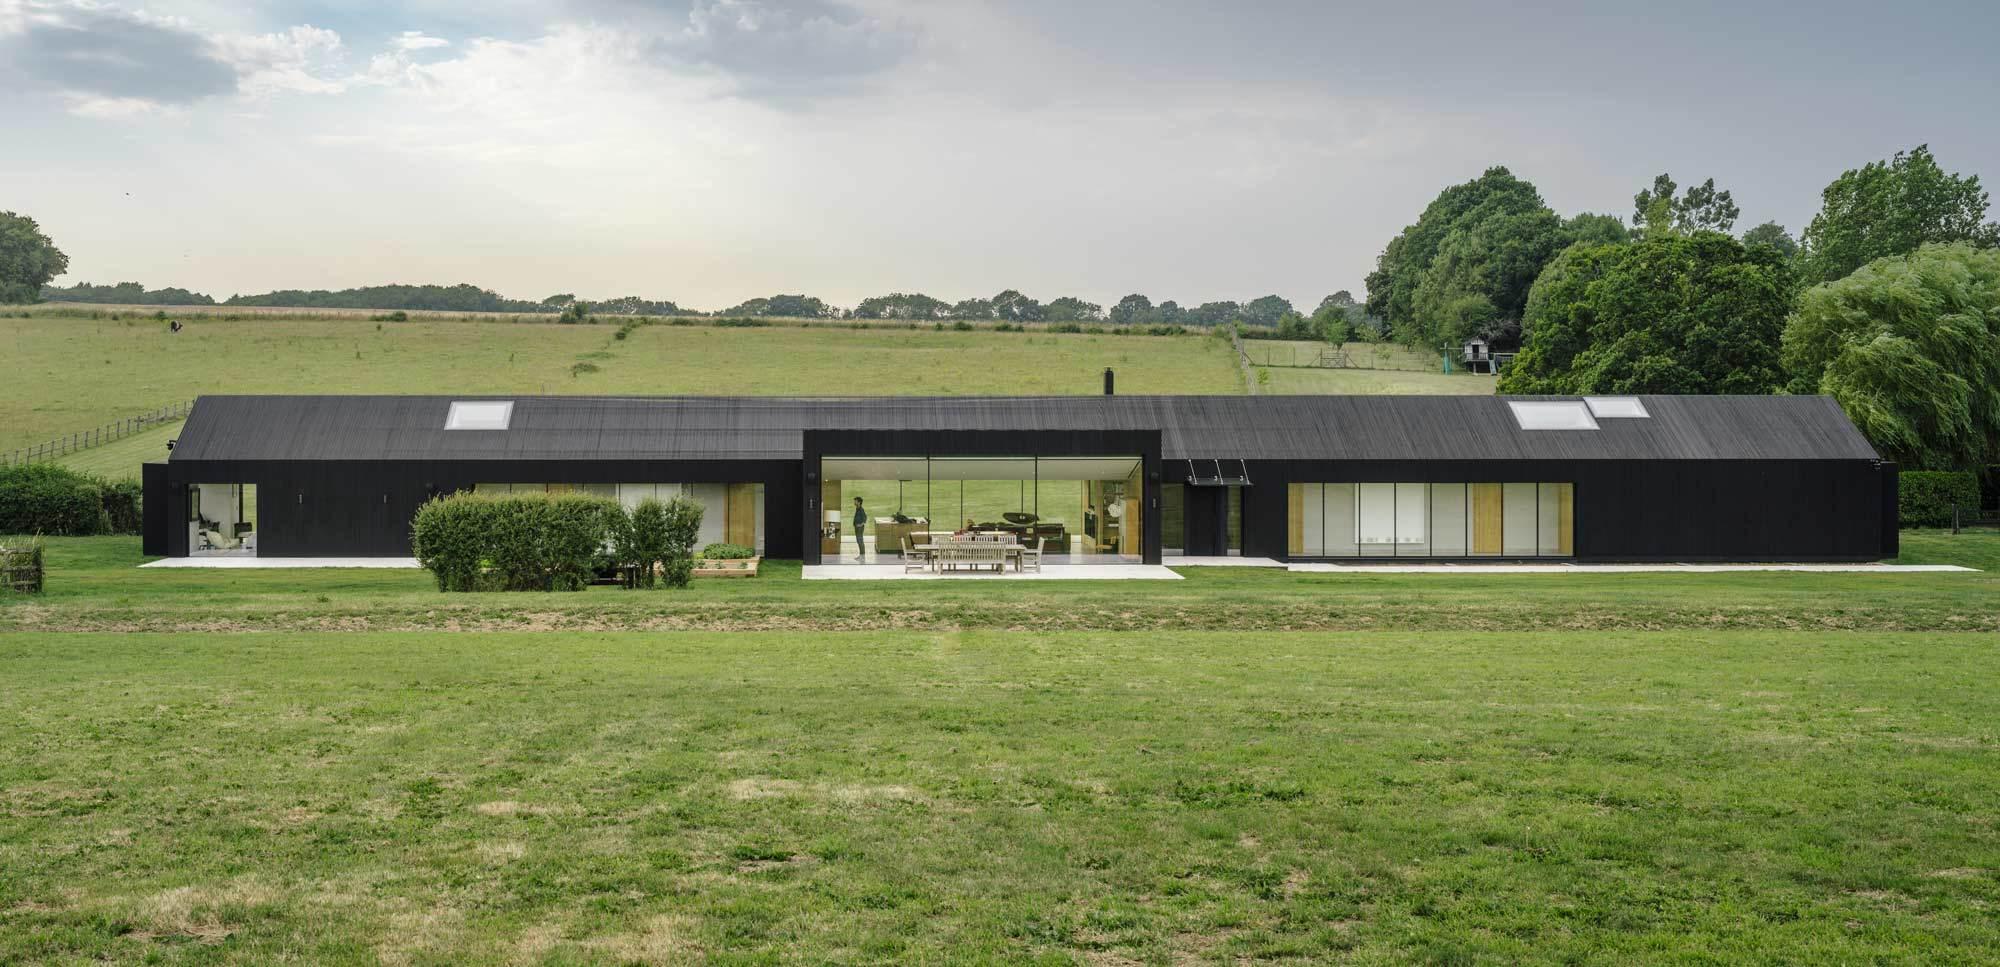 Bei dem puristischen Cottage setzte das Büro AMPS Arquitectura & Diseño auf Nachhaltigkeit, eine klare Formensprache – und smarte Haustechnik von Gira.